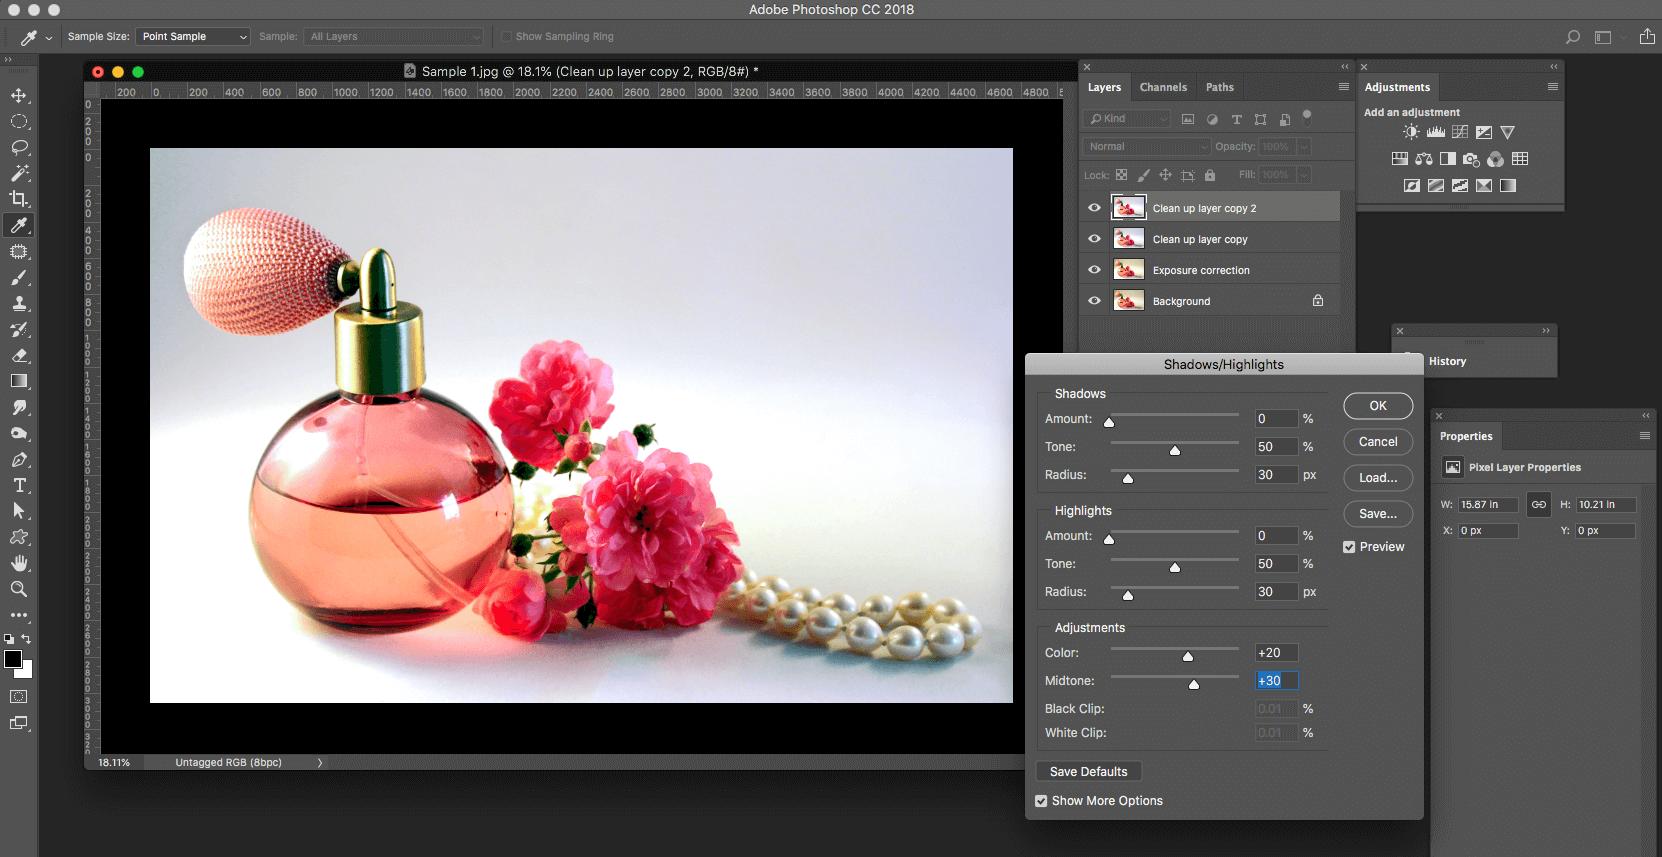 Image contrast adjustment